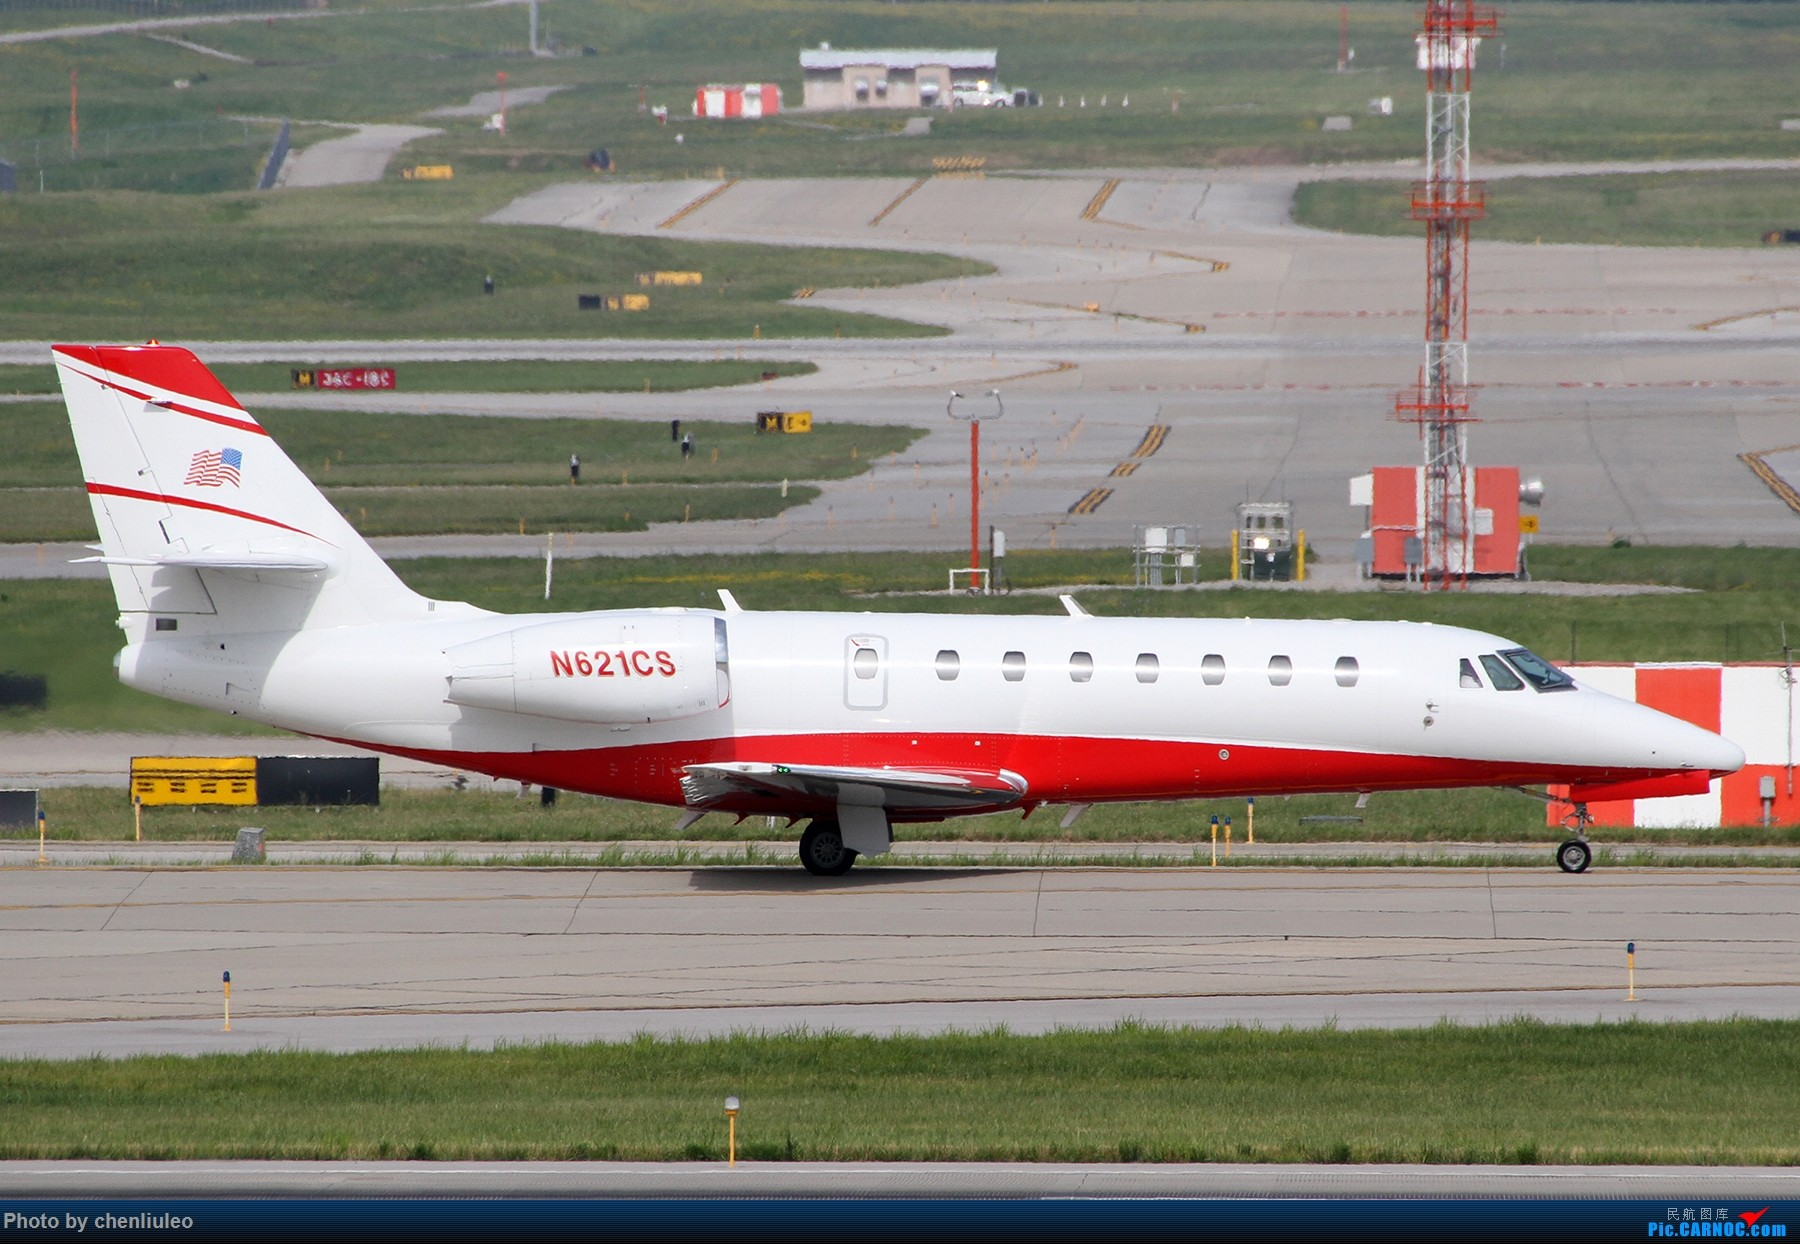 Re:[原创]【北美飞友会】辛辛那提北肯塔基国际机场 货机的天堂 CESSNA 680 N621CS 美国辛辛那提-北肯塔基国际机场